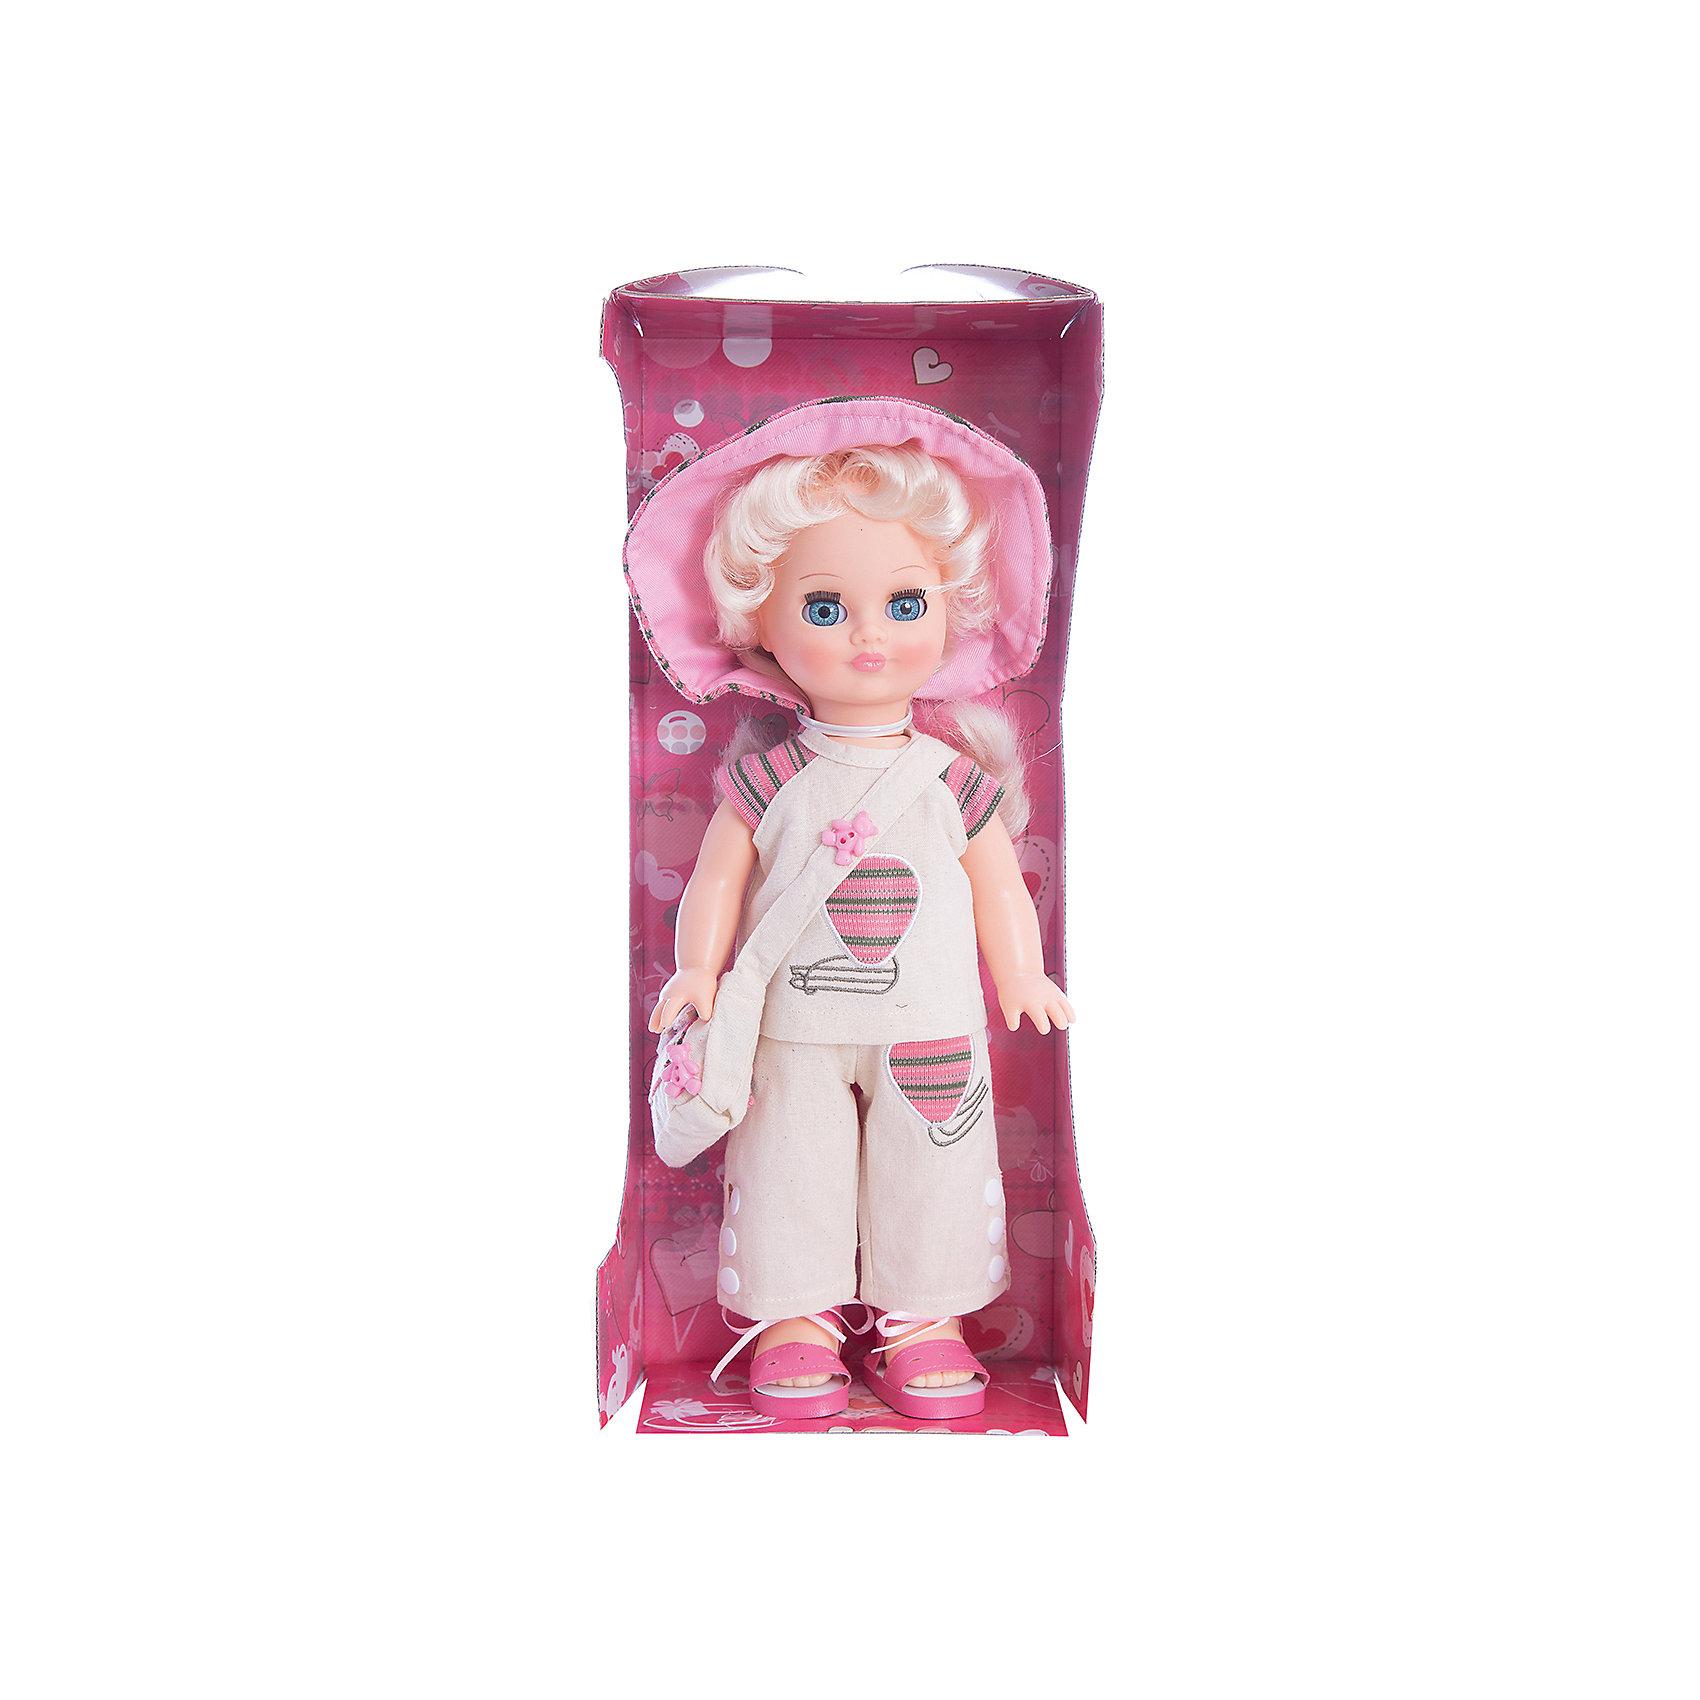 Кукла Элла 2 (пластмассовая), со звуком, 35,5 см, ВеснаКлассические куклы<br>Игрушки от компании Весна - это простой способ порадовать ребенка! Кукла для девочки - это не только игрушка, с которой можно весело провести время, кукла - это возможность отрабатывать навыки поведения в обществе, учиться заботе о других, делать прически и одеваться согласно моде и поводу.<br>Эта красивая классическая кукла не только эффектно выглядит, она дополнена звуковым модулем! Игрушка модно одета и снабжена аксессуарами. Такая кукла запросто может стать самой любимой игрушкой! Произведена из безопасных для ребенка и качественных материалов.<br><br>Дополнительная информация:<br><br>цвет: разноцветный;<br>материал: пластик, текстиль;<br>комплектация: кукла, одежда, аксессуары;<br>высота: 35,5 см.<br><br>Куклу Элла 2 (пластмассовая), со звуком, 35,5 см, от компании Весна можно купить в нашем магазине.<br><br>Ширина мм: 170<br>Глубина мм: 100<br>Высота мм: 420<br>Вес г: 350<br>Возраст от месяцев: 36<br>Возраст до месяцев: 120<br>Пол: Женский<br>Возраст: Детский<br>SKU: 4642016